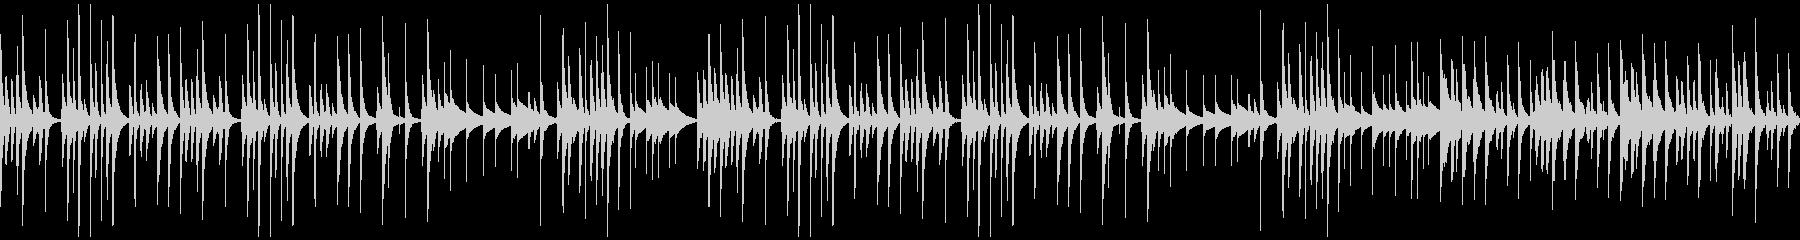 ほのぼの系BGM(ループ)の未再生の波形